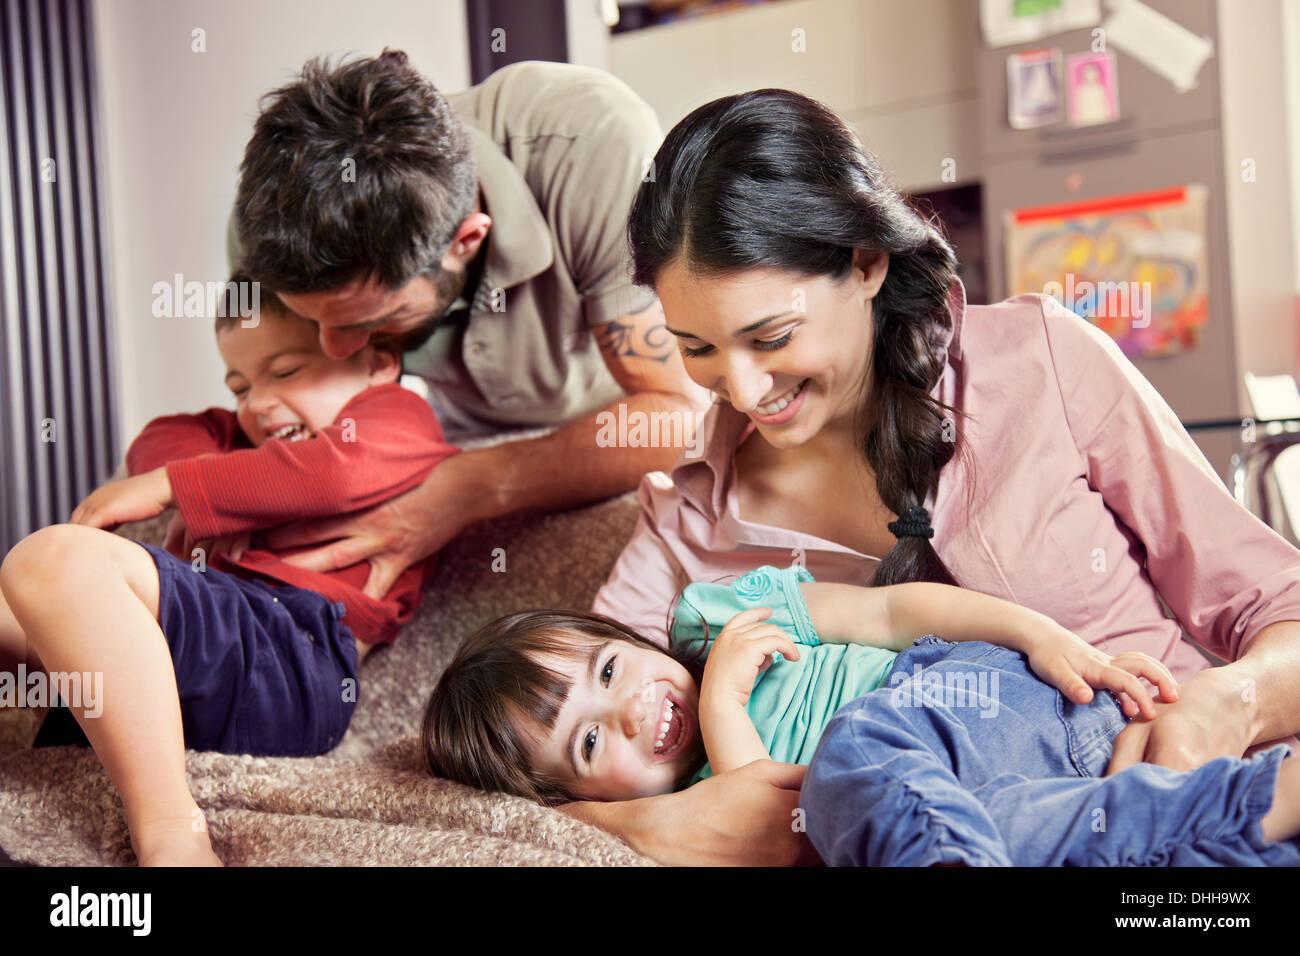 Famille avec deux enfants jouant sur canapé Photo Stock